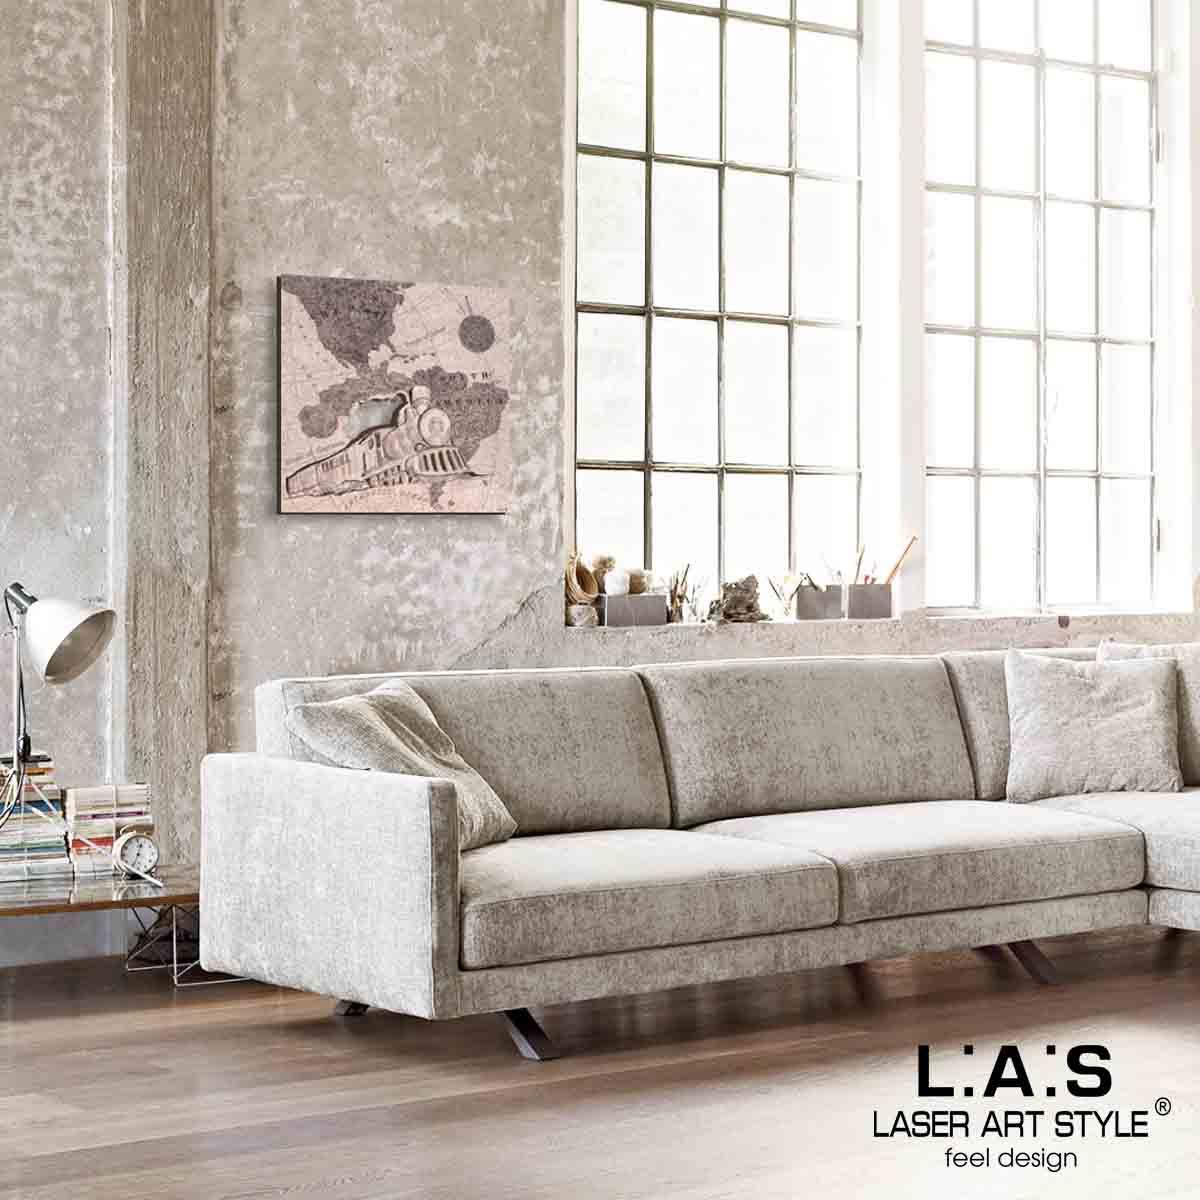 L:A:S - Laser Art Style - QUADRO MODERNO – SCULTURA DA PARETE VIAGGIO -Q-030 DECORO RUGGINE